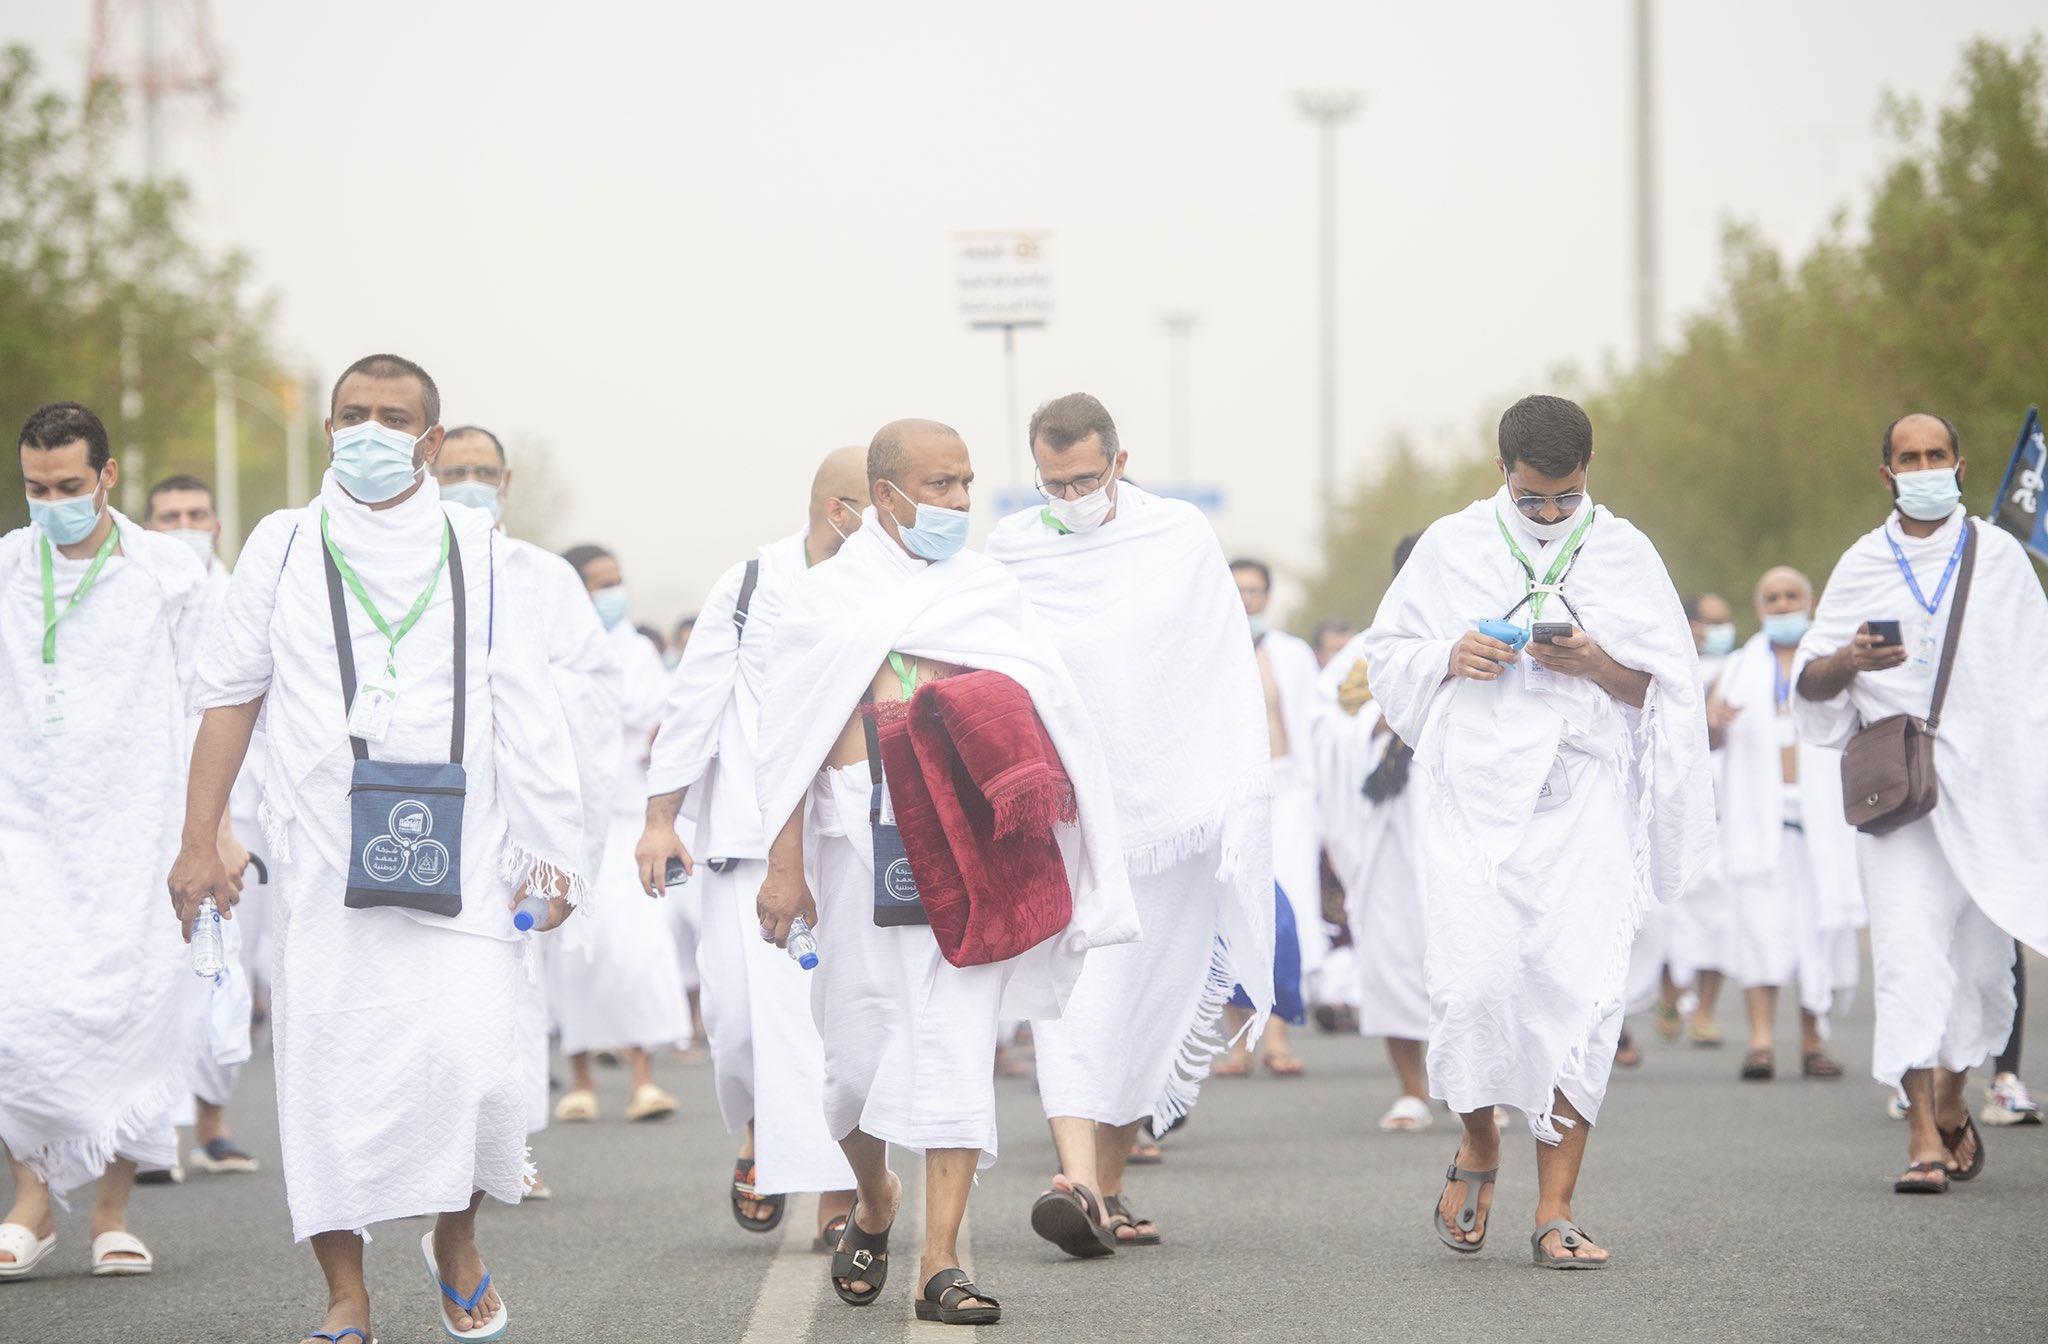 ضيوف الرحمن ينفرون إلى مزدلفة بعد الوقوف على صعيد عرفات